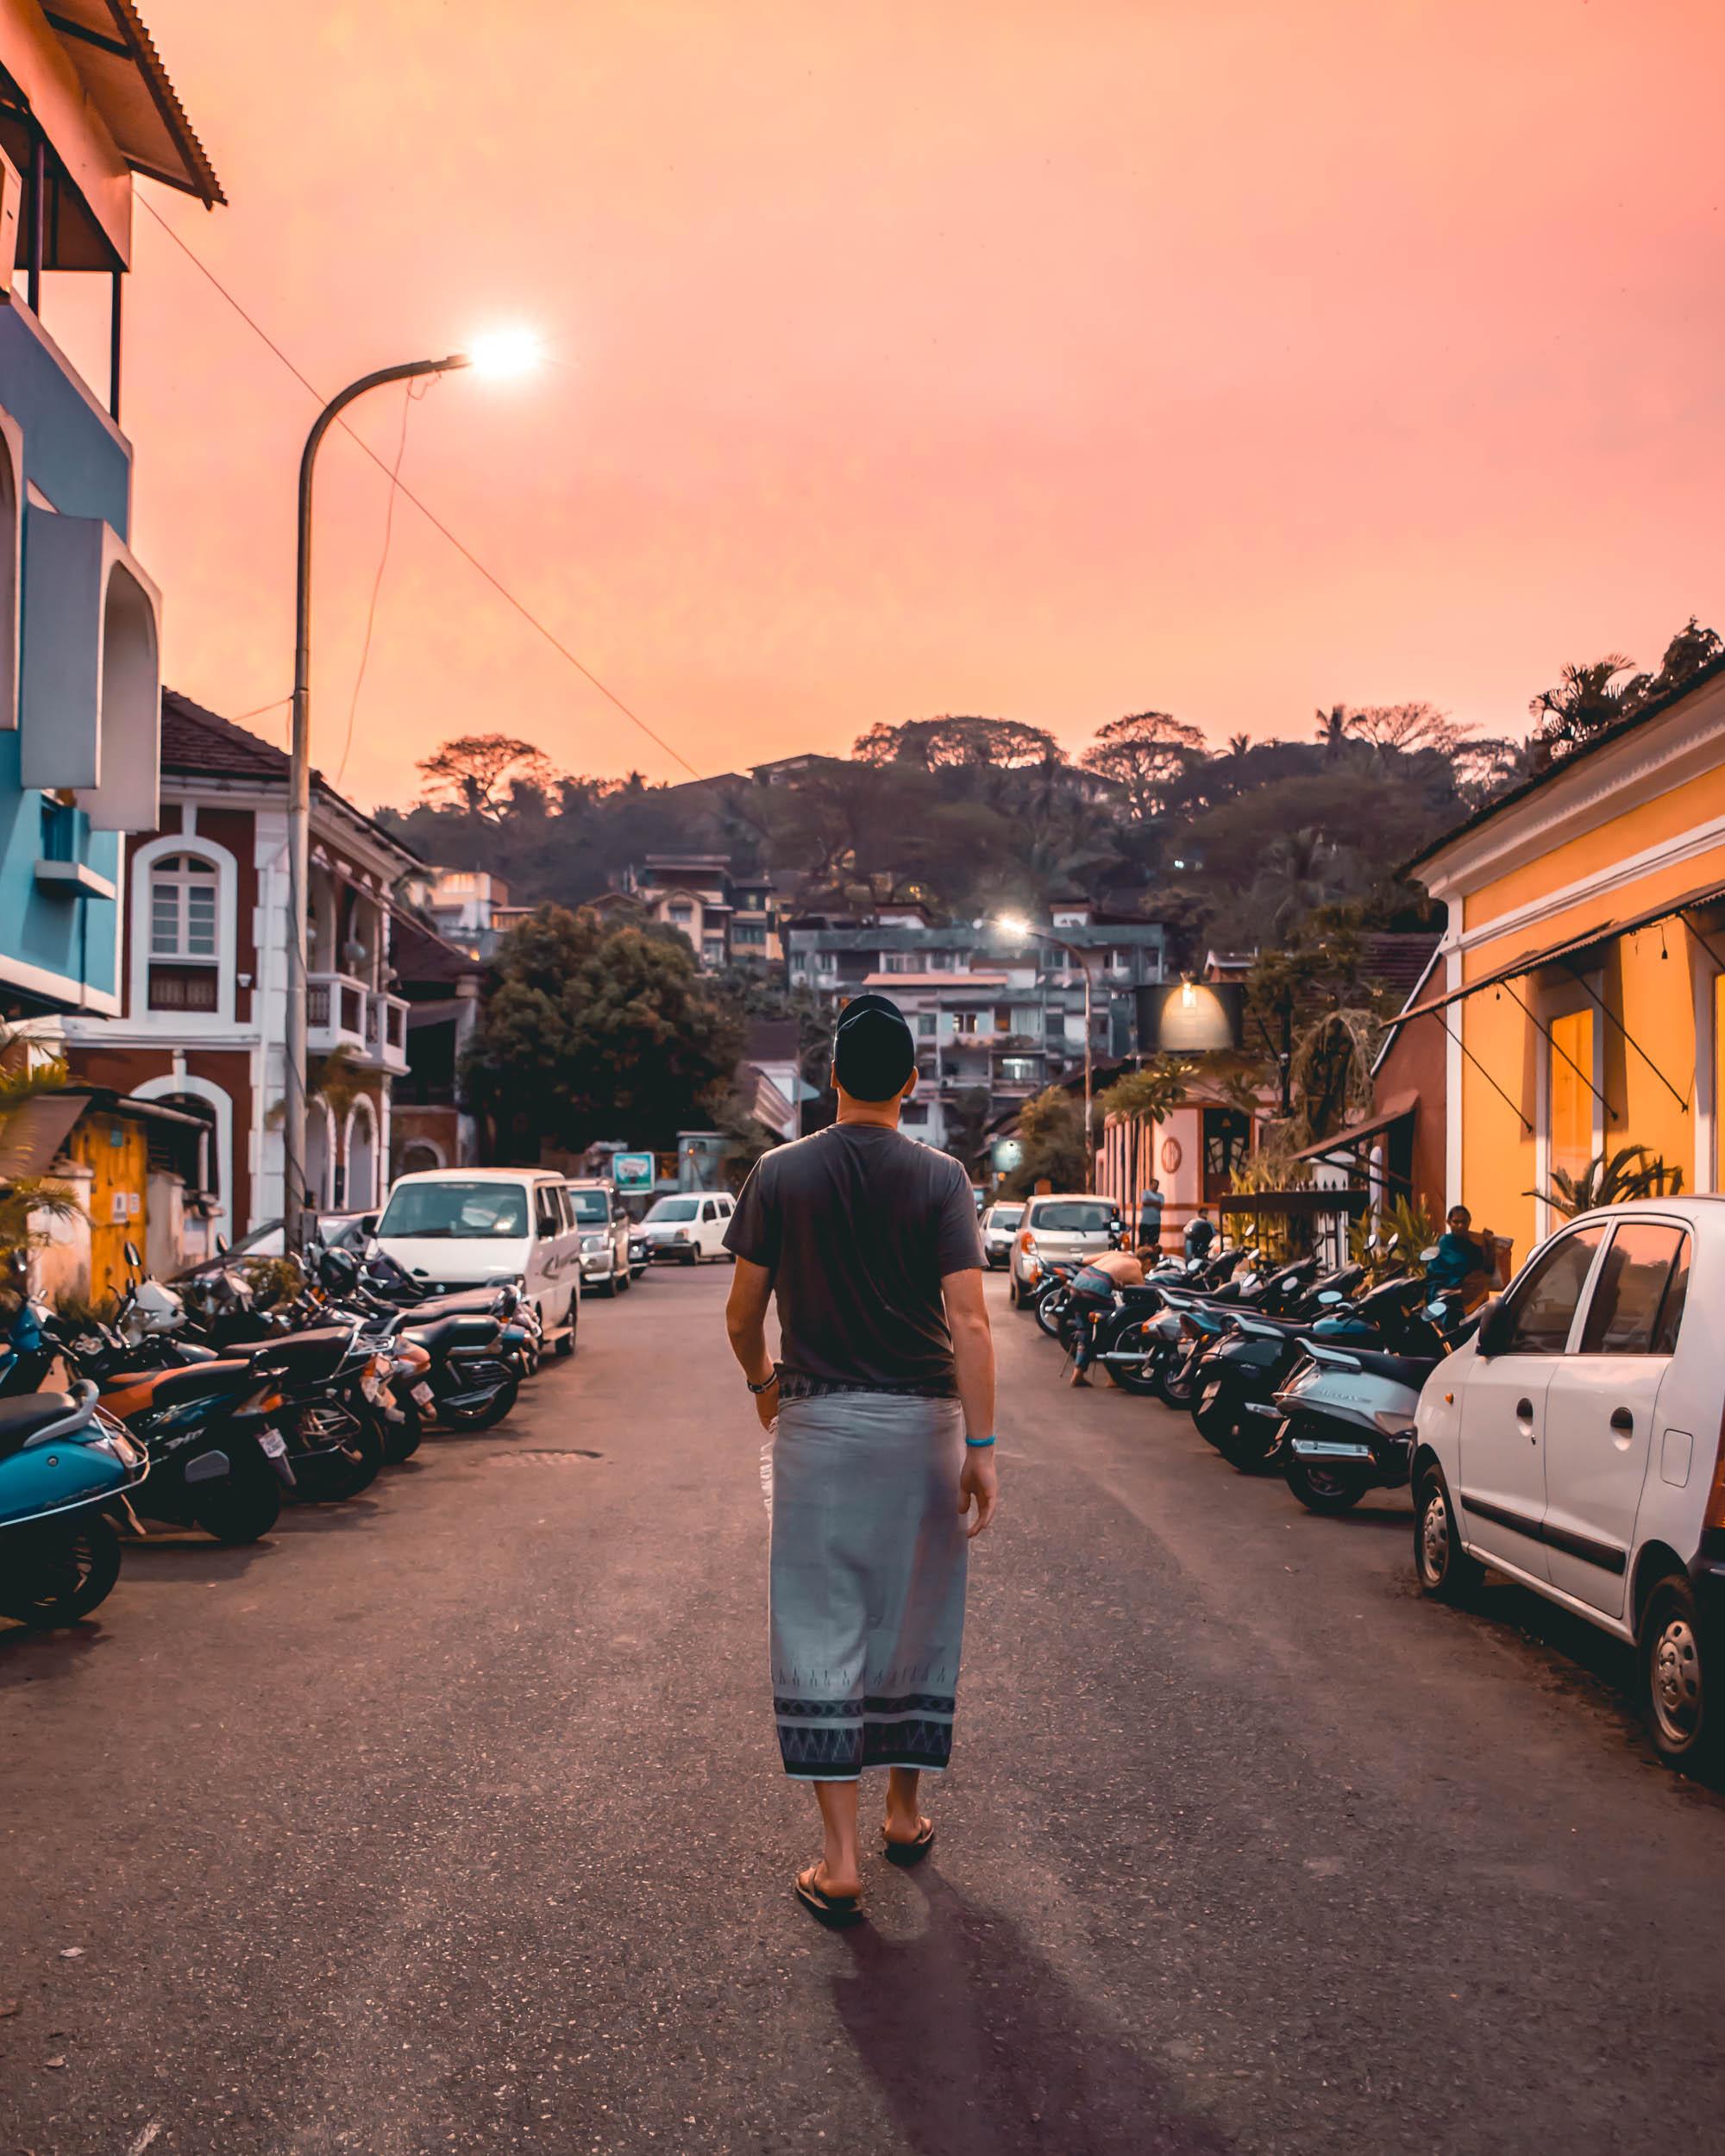 Goa - Where is Hot in February